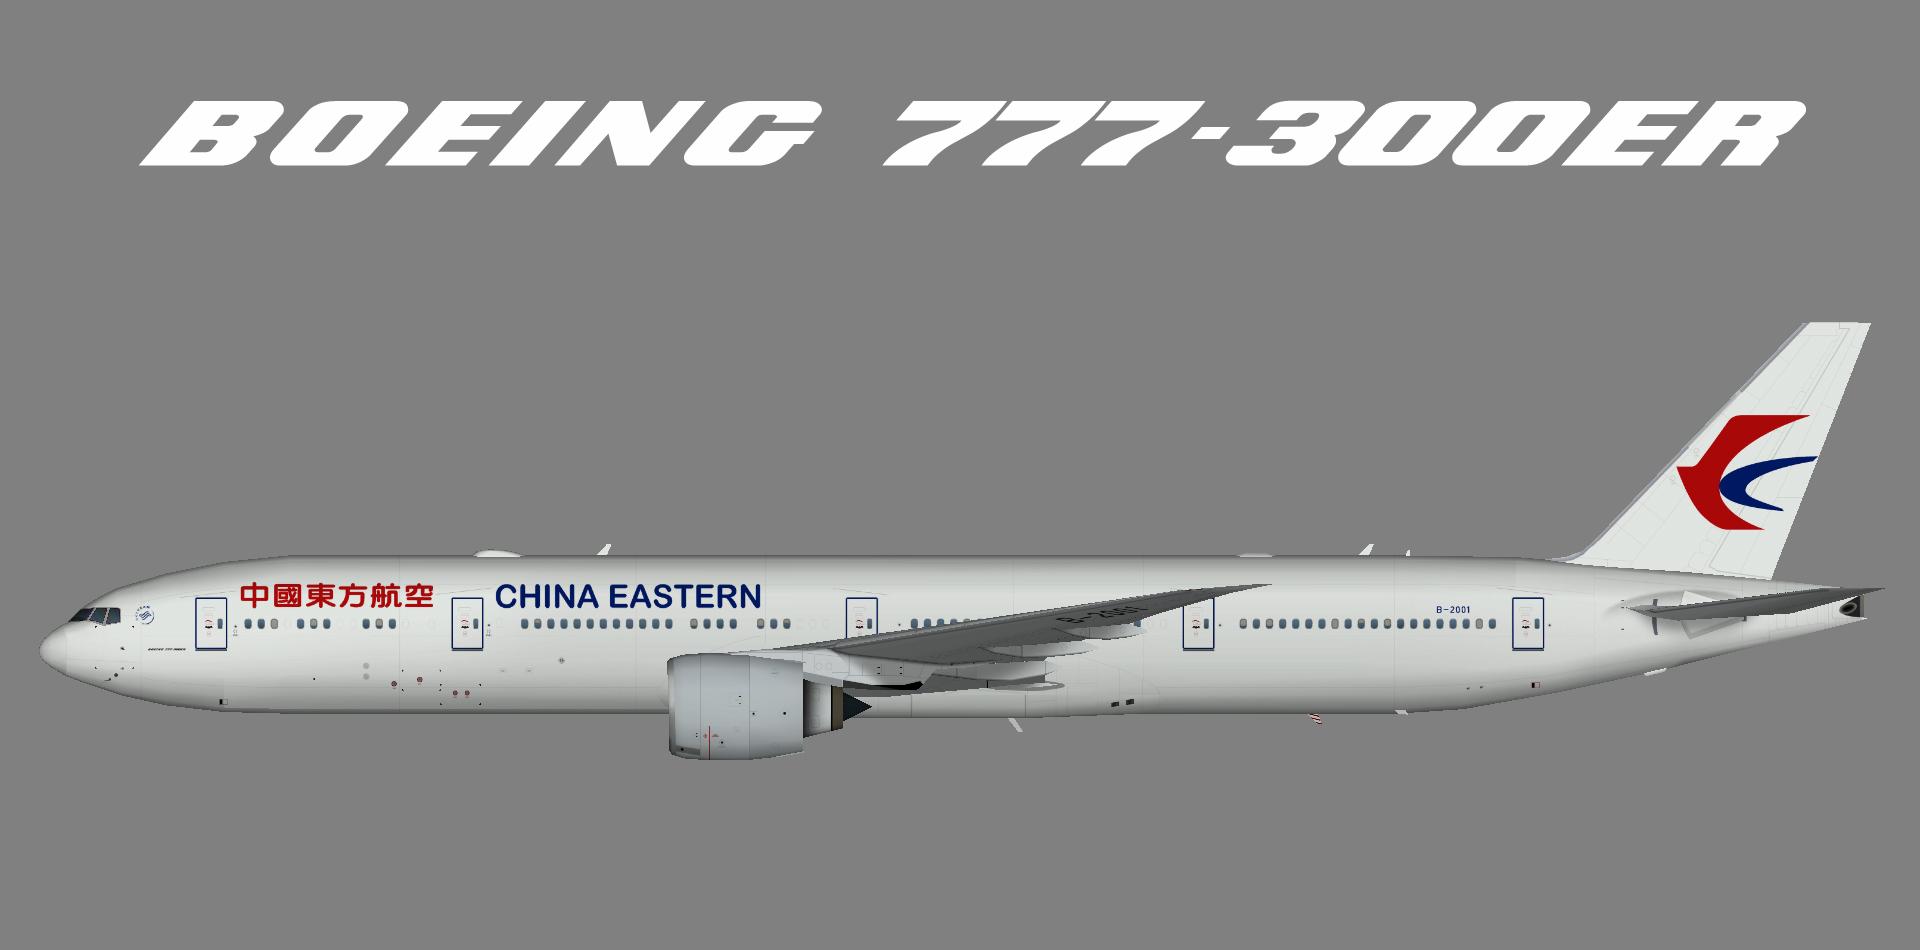 China Eastern 777-300ER